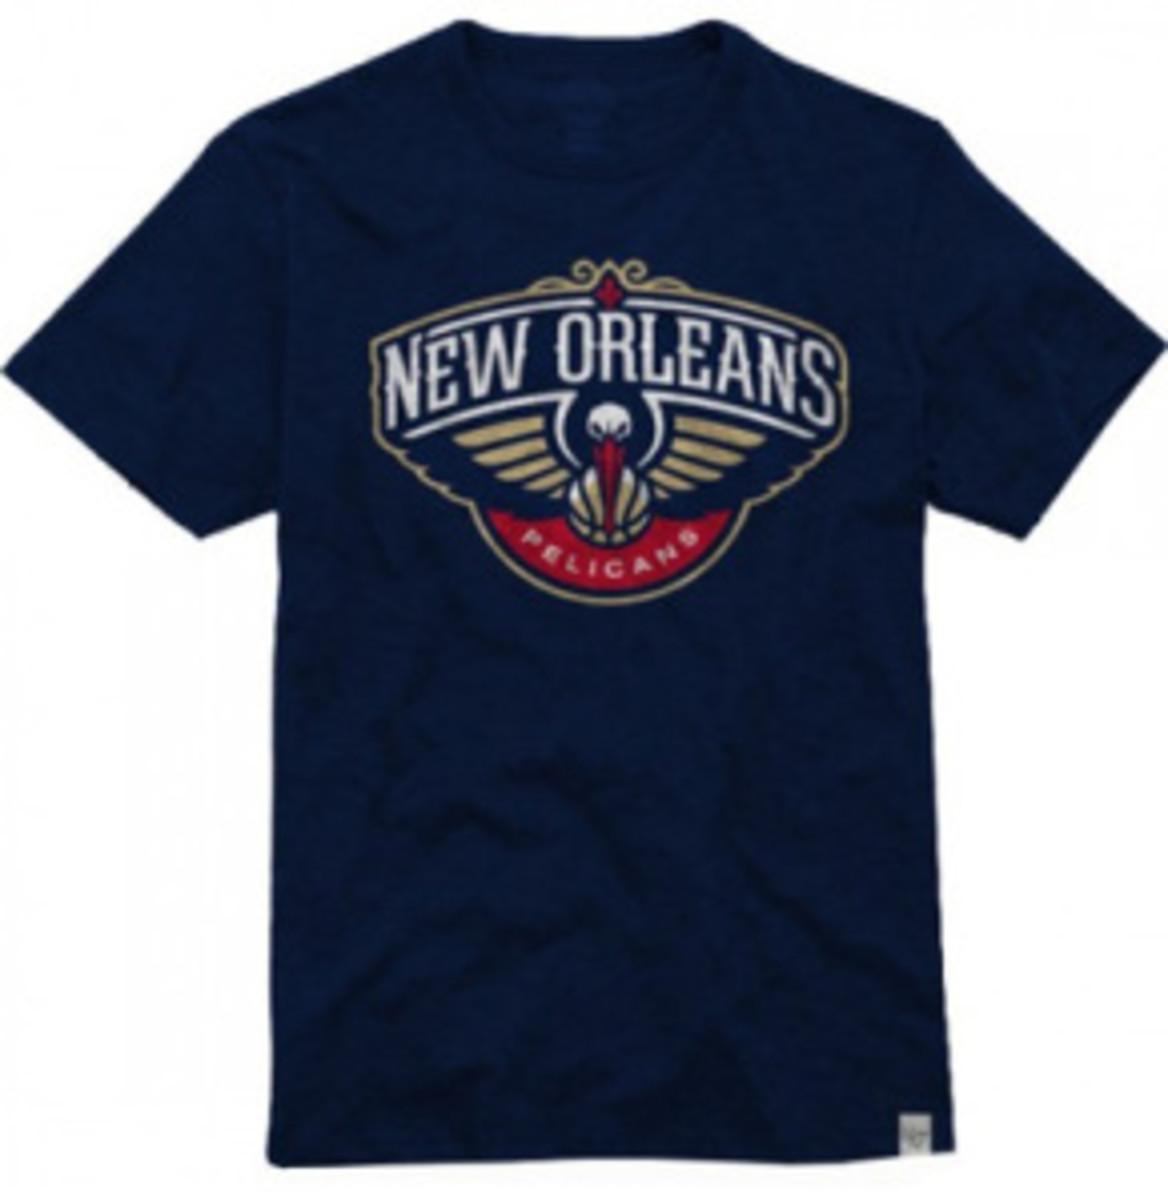 A New Orleans Pelicans t-shirt design. (NBA.com)